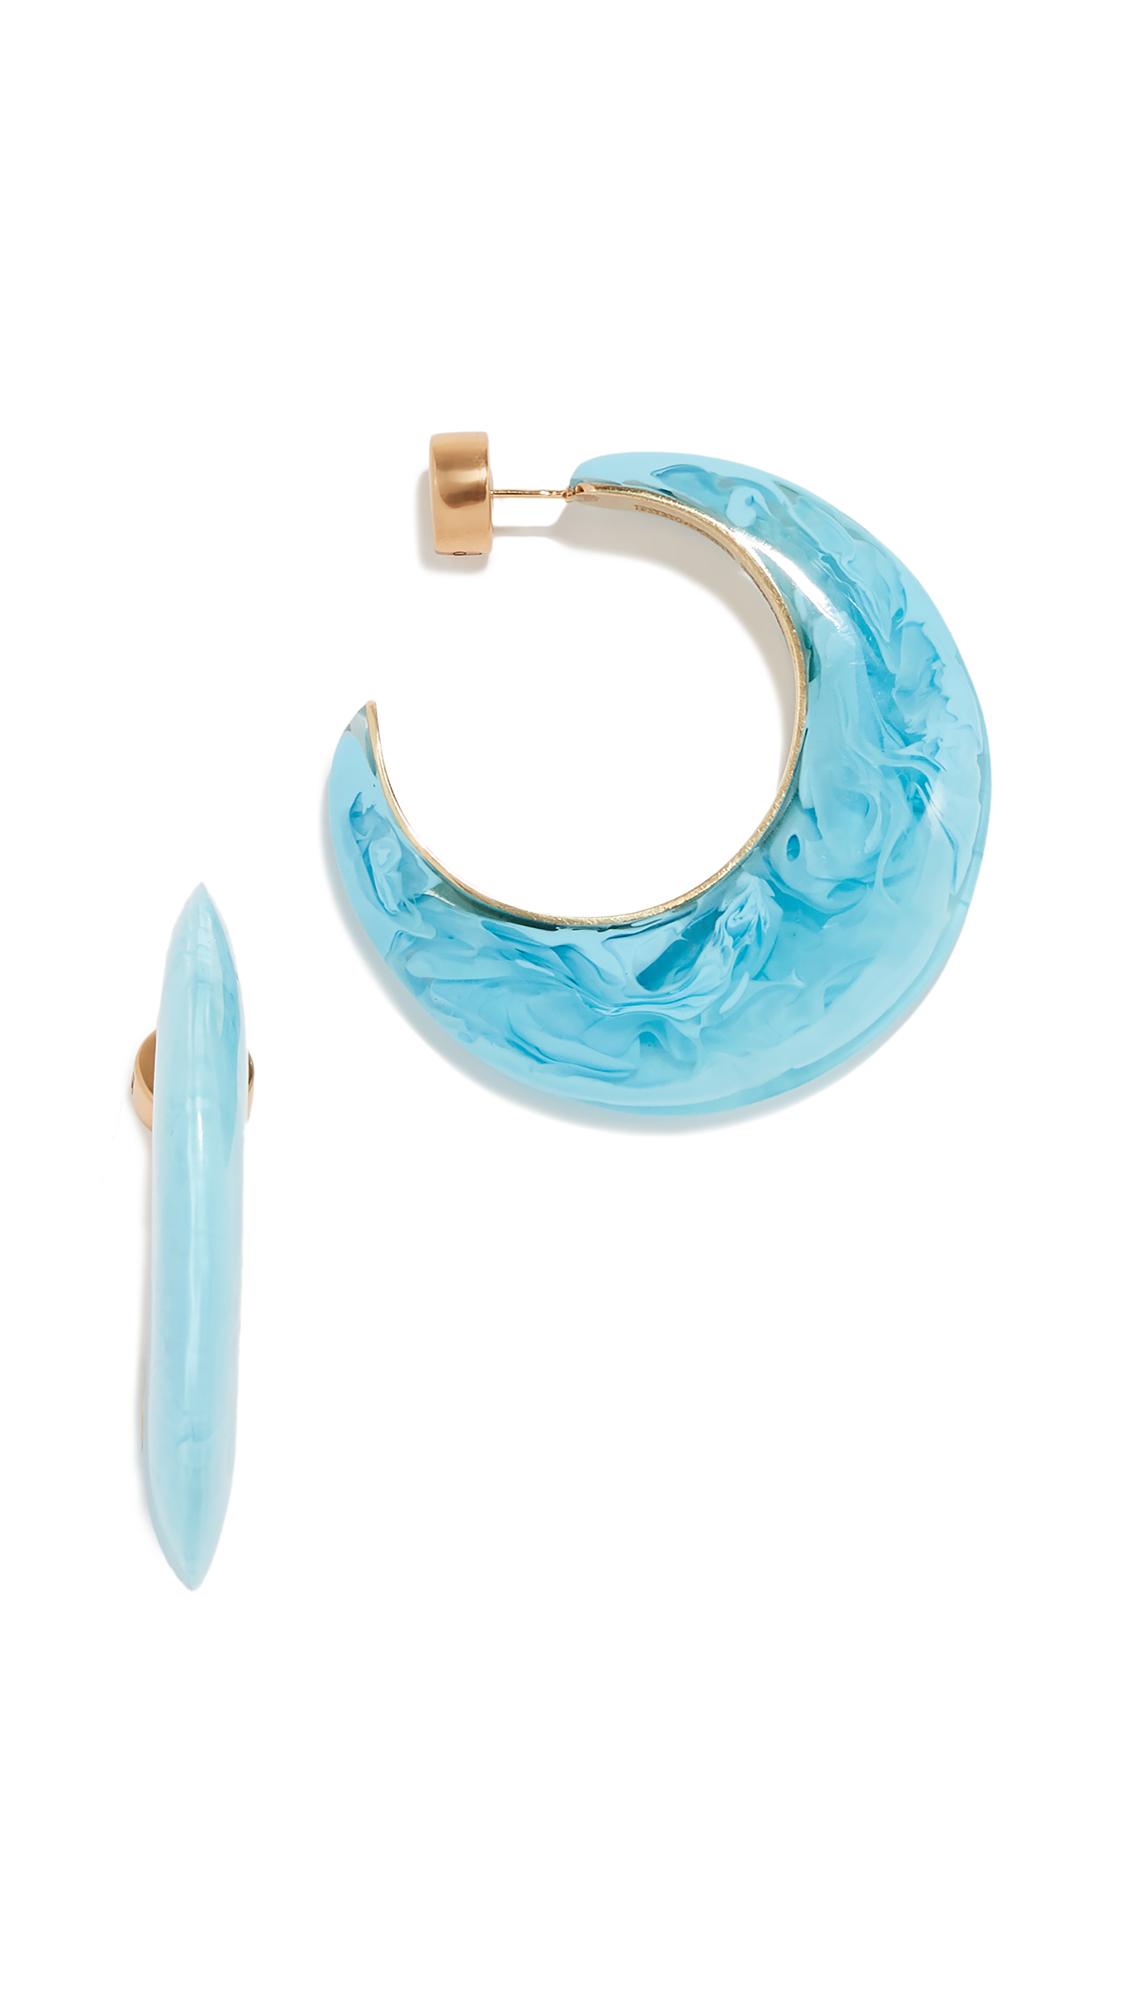 DINOSAUR DESIGNS Marbled And Metal Medium Hoop Earrings in Powder Blue